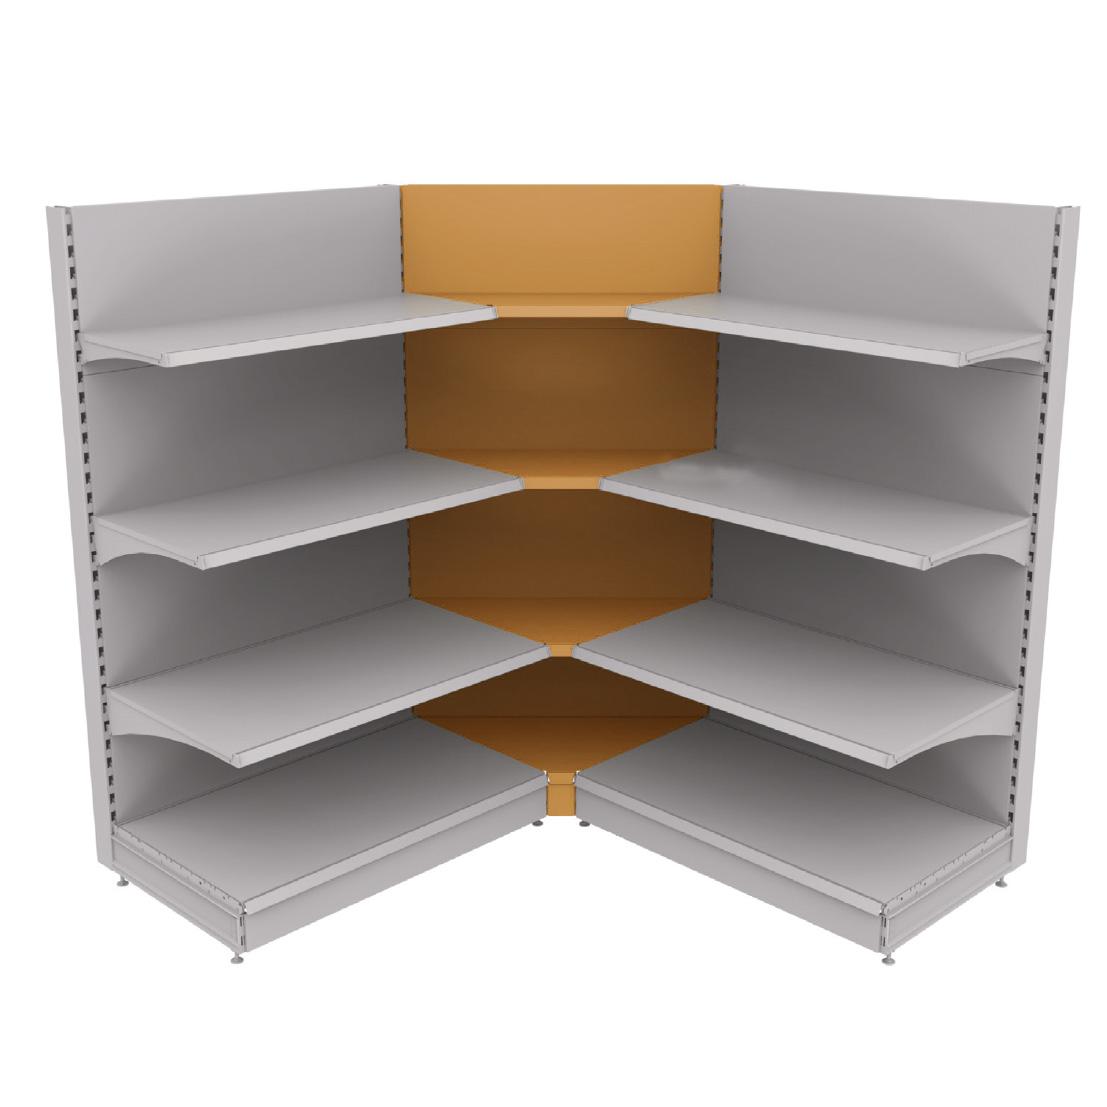 regalsystem ecke mit glatter r ckwand me regalsystem basic ecke. Black Bedroom Furniture Sets. Home Design Ideas